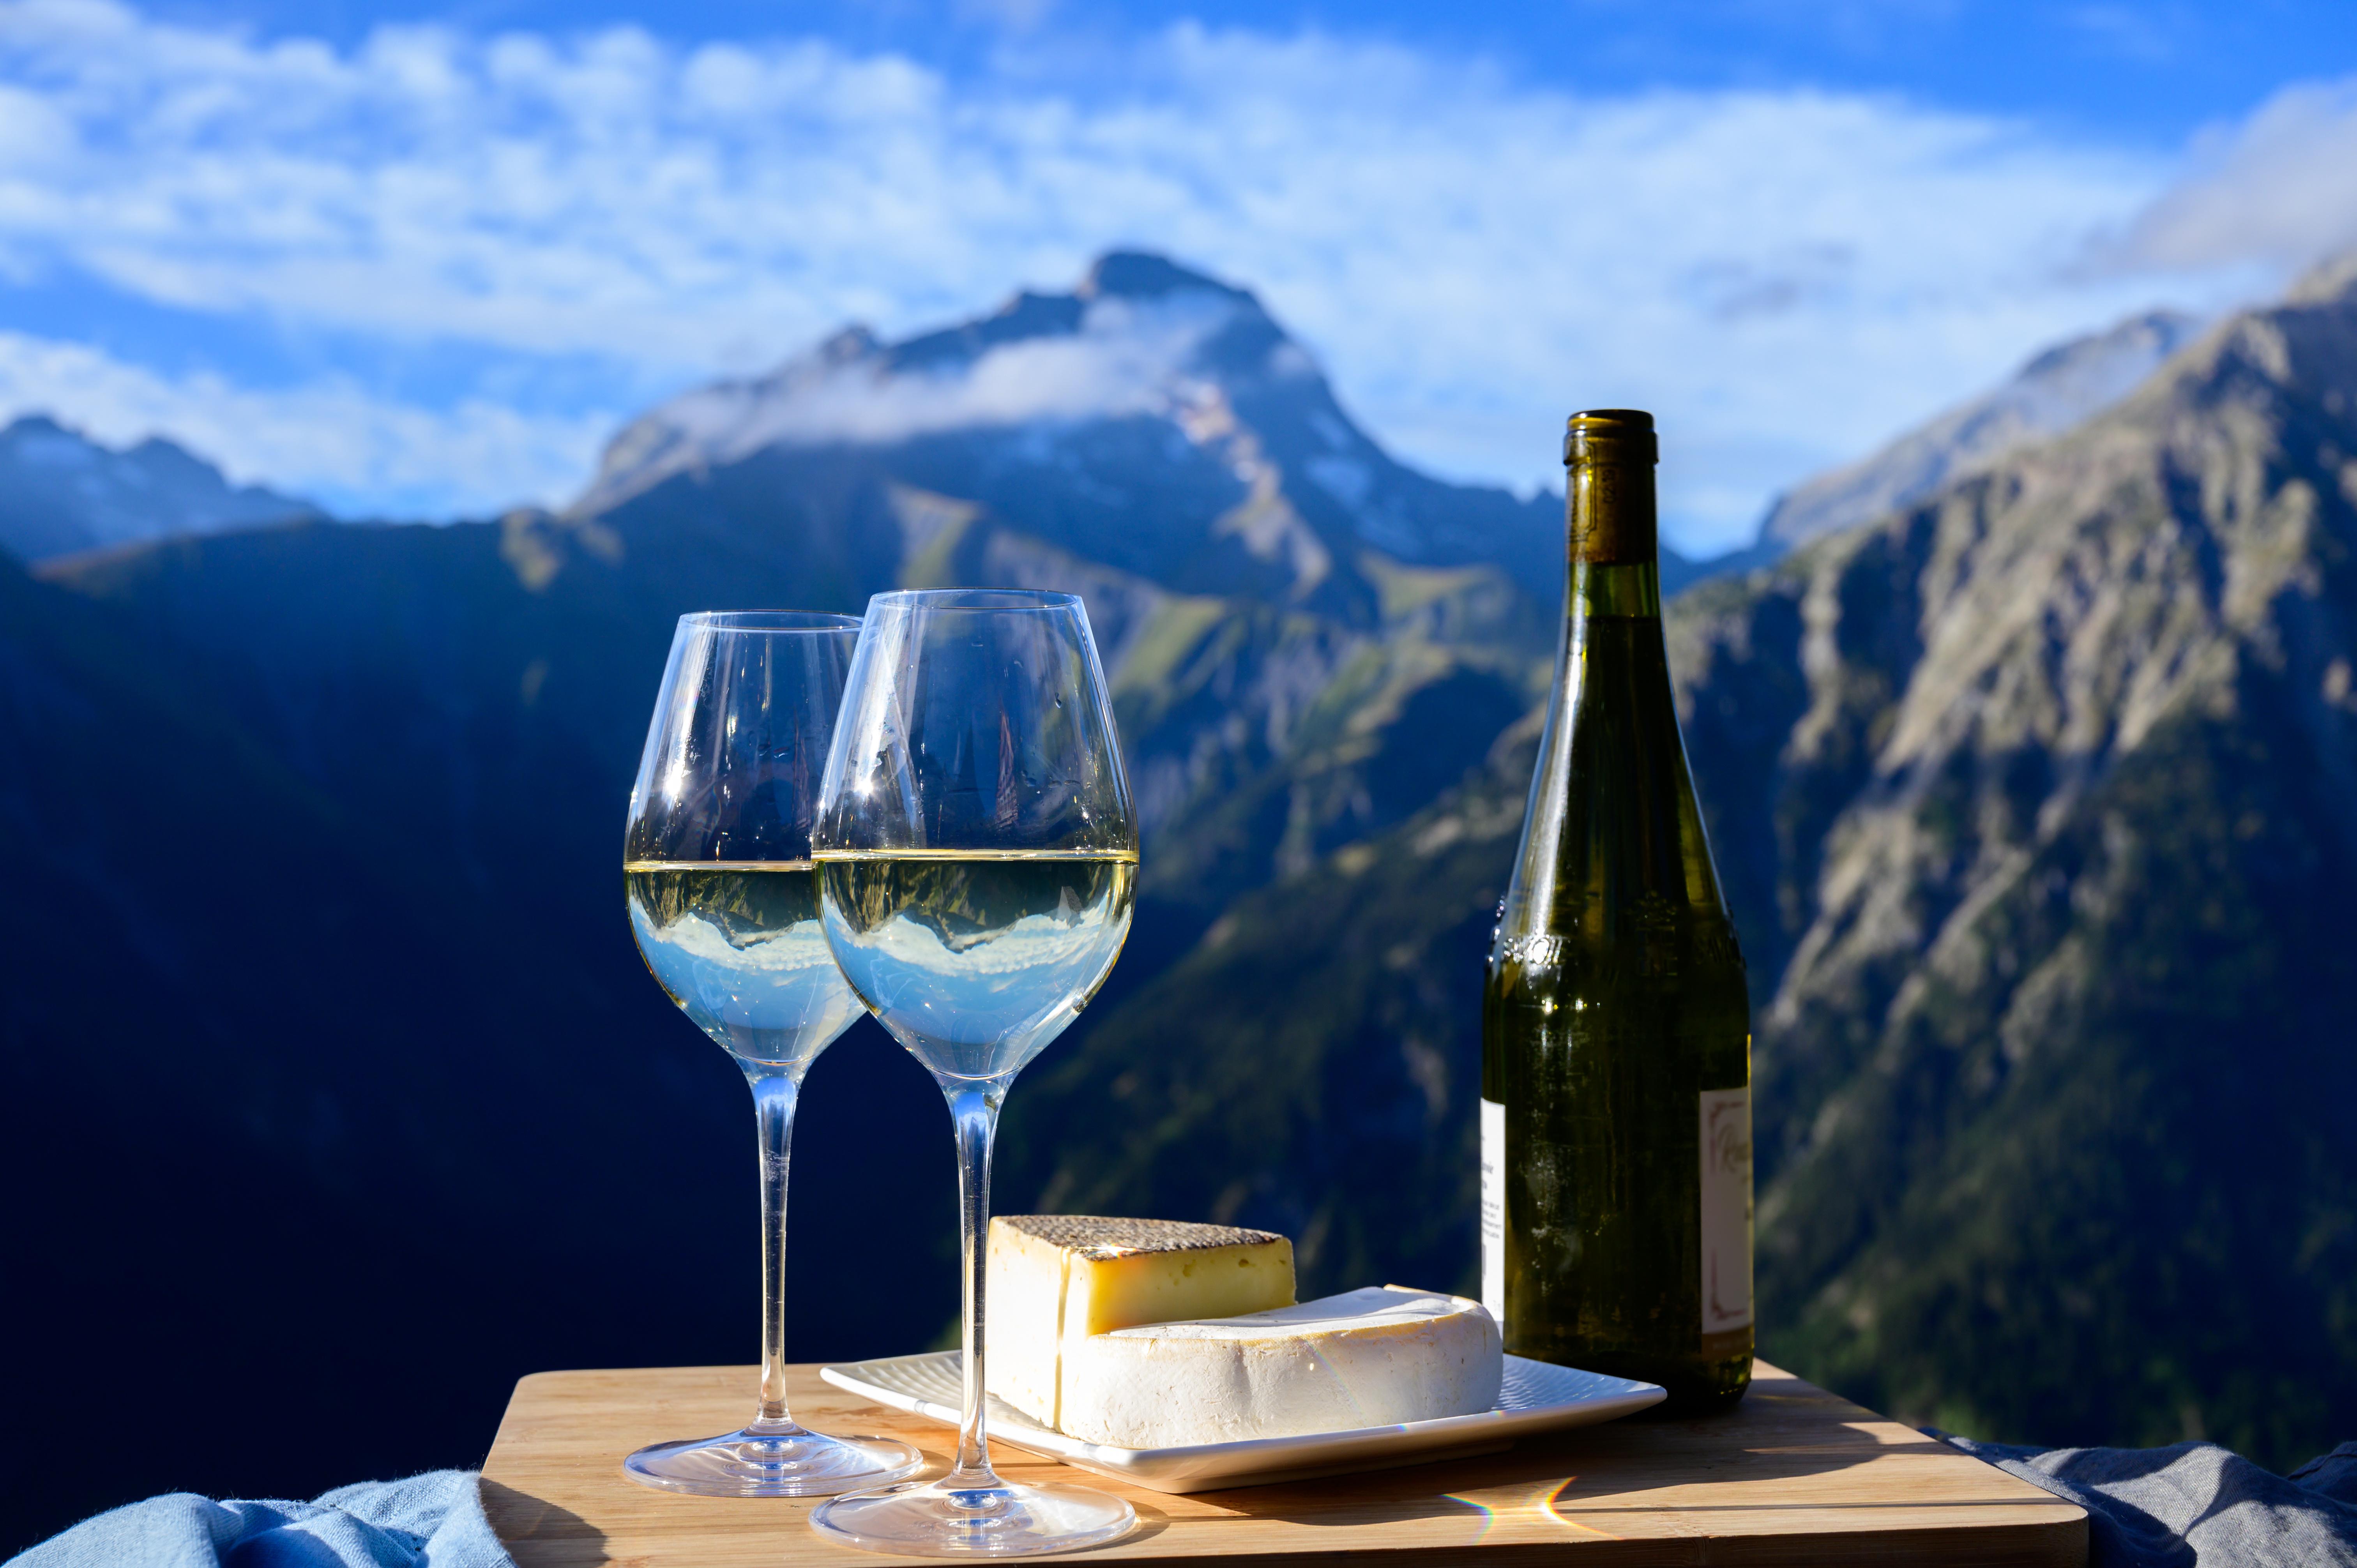 vins blancs de savoie pour le fromage